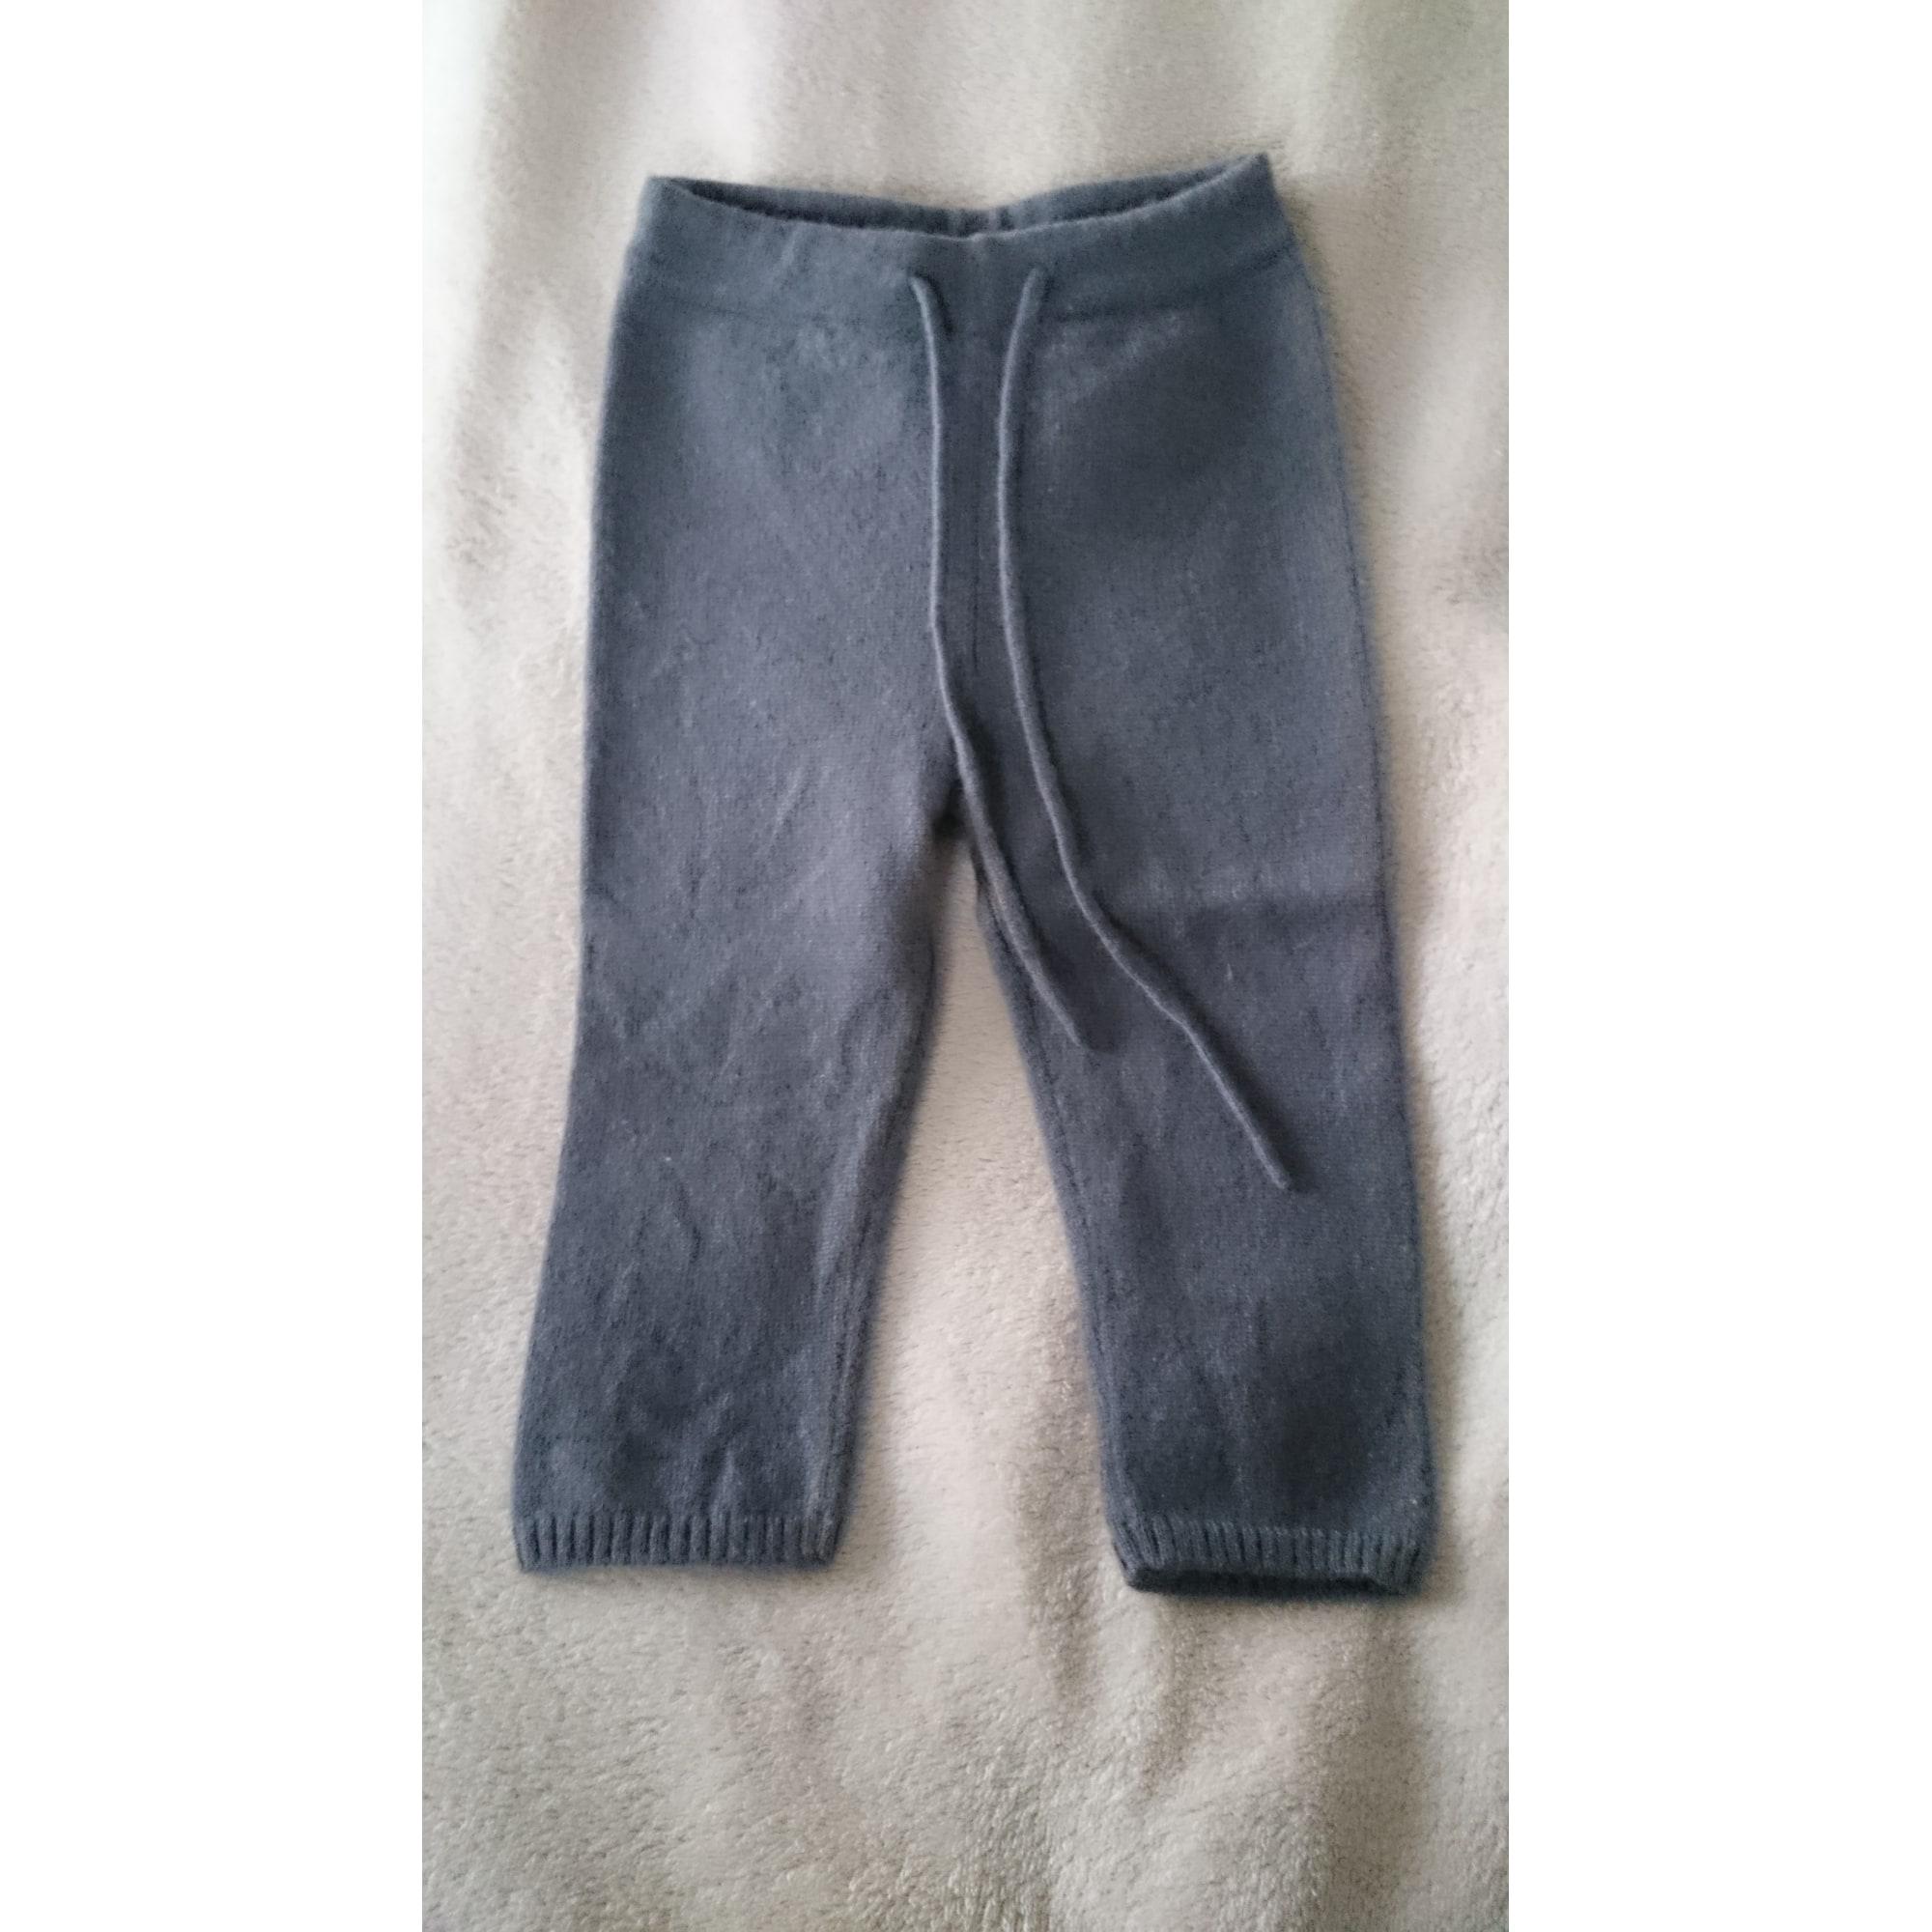 Pantalon FRENCHY YUMMY Gris, anthracite